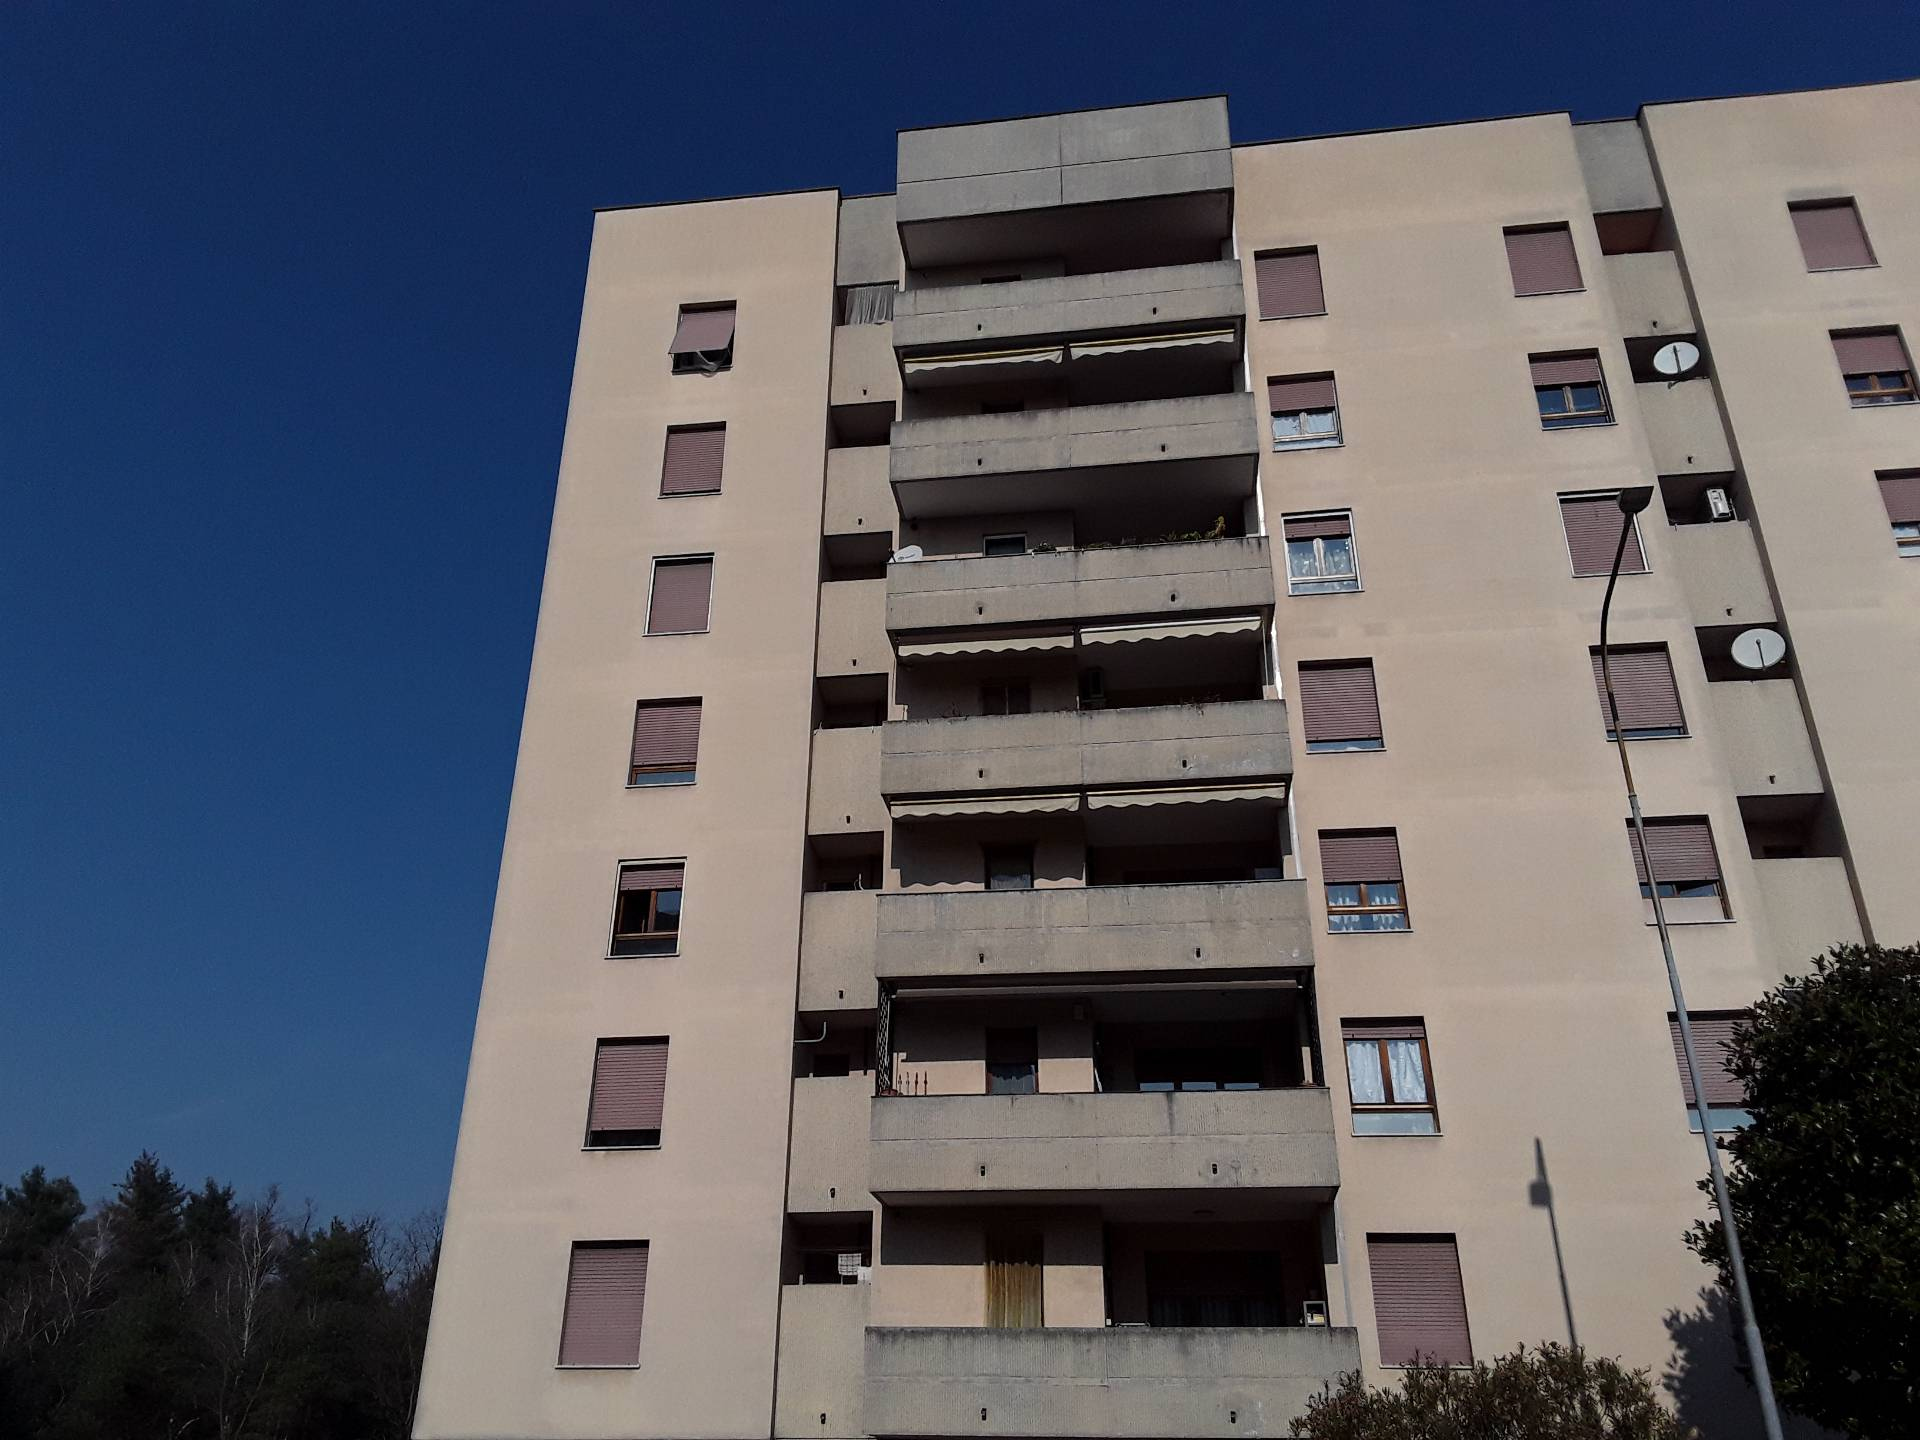 Appartamento in vendita a Legnano, 3 locali, zona Località: ParcoAltoMilanese, prezzo € 85.000 | CambioCasa.it